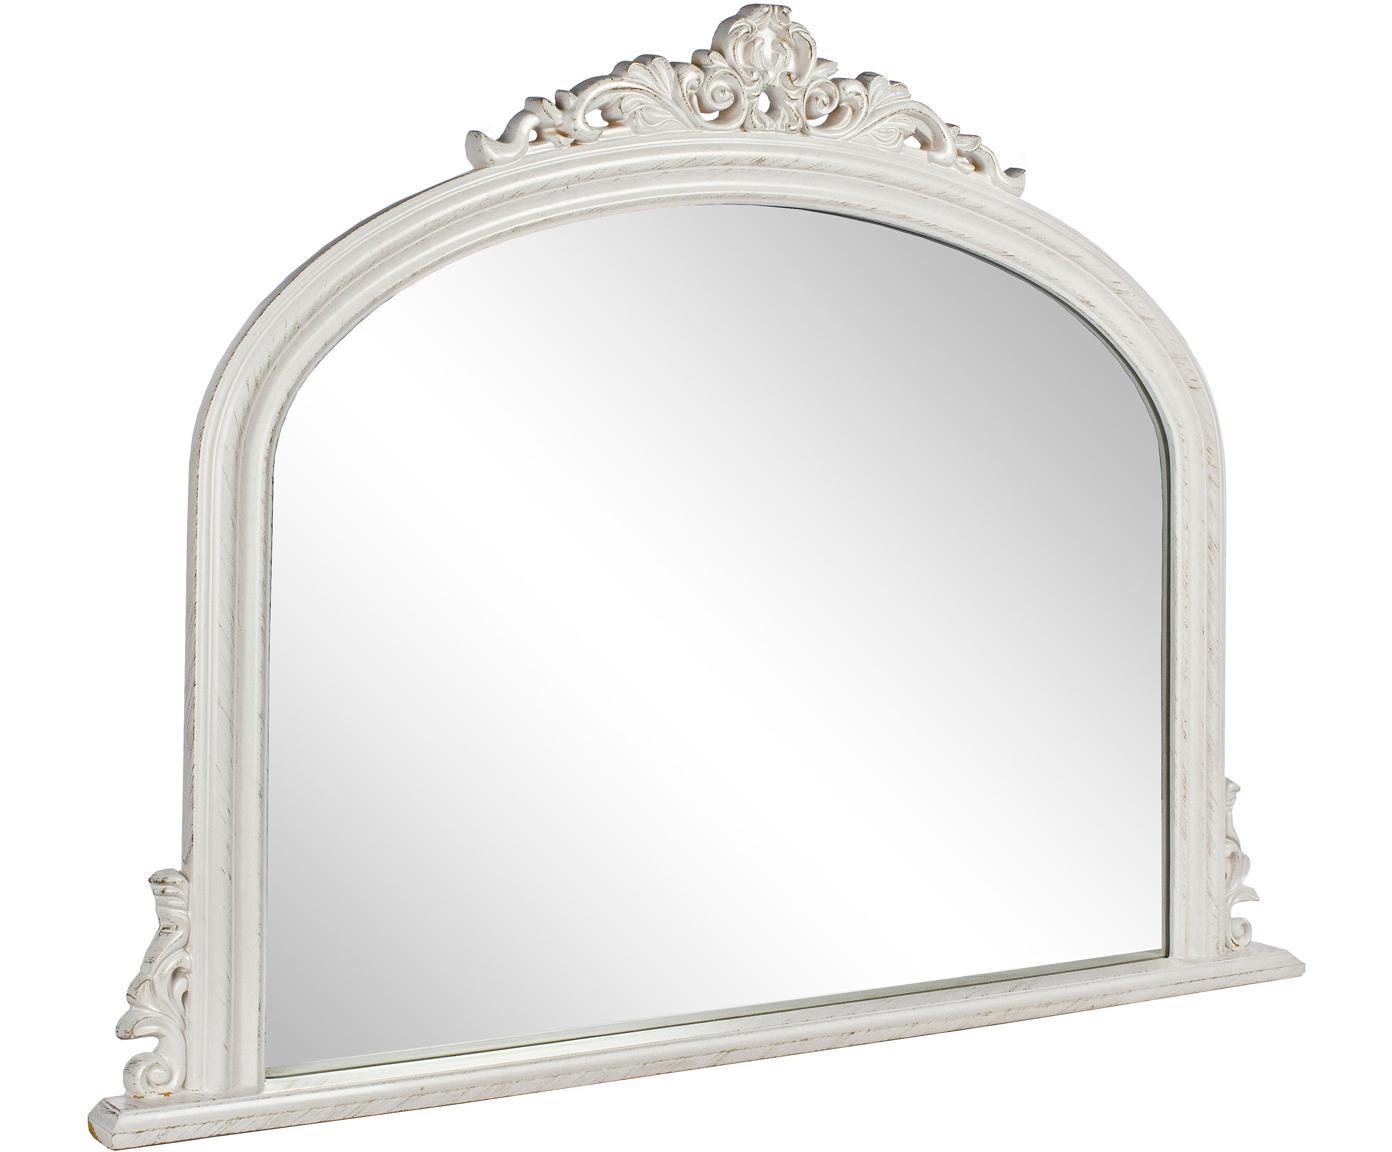 Specchio da parete con legno bianco Miro, Cornice: legno rivestito, Superficie dello specchio: lastra di vetro, Bianco, Larg. 120 x Alt. 90 cm